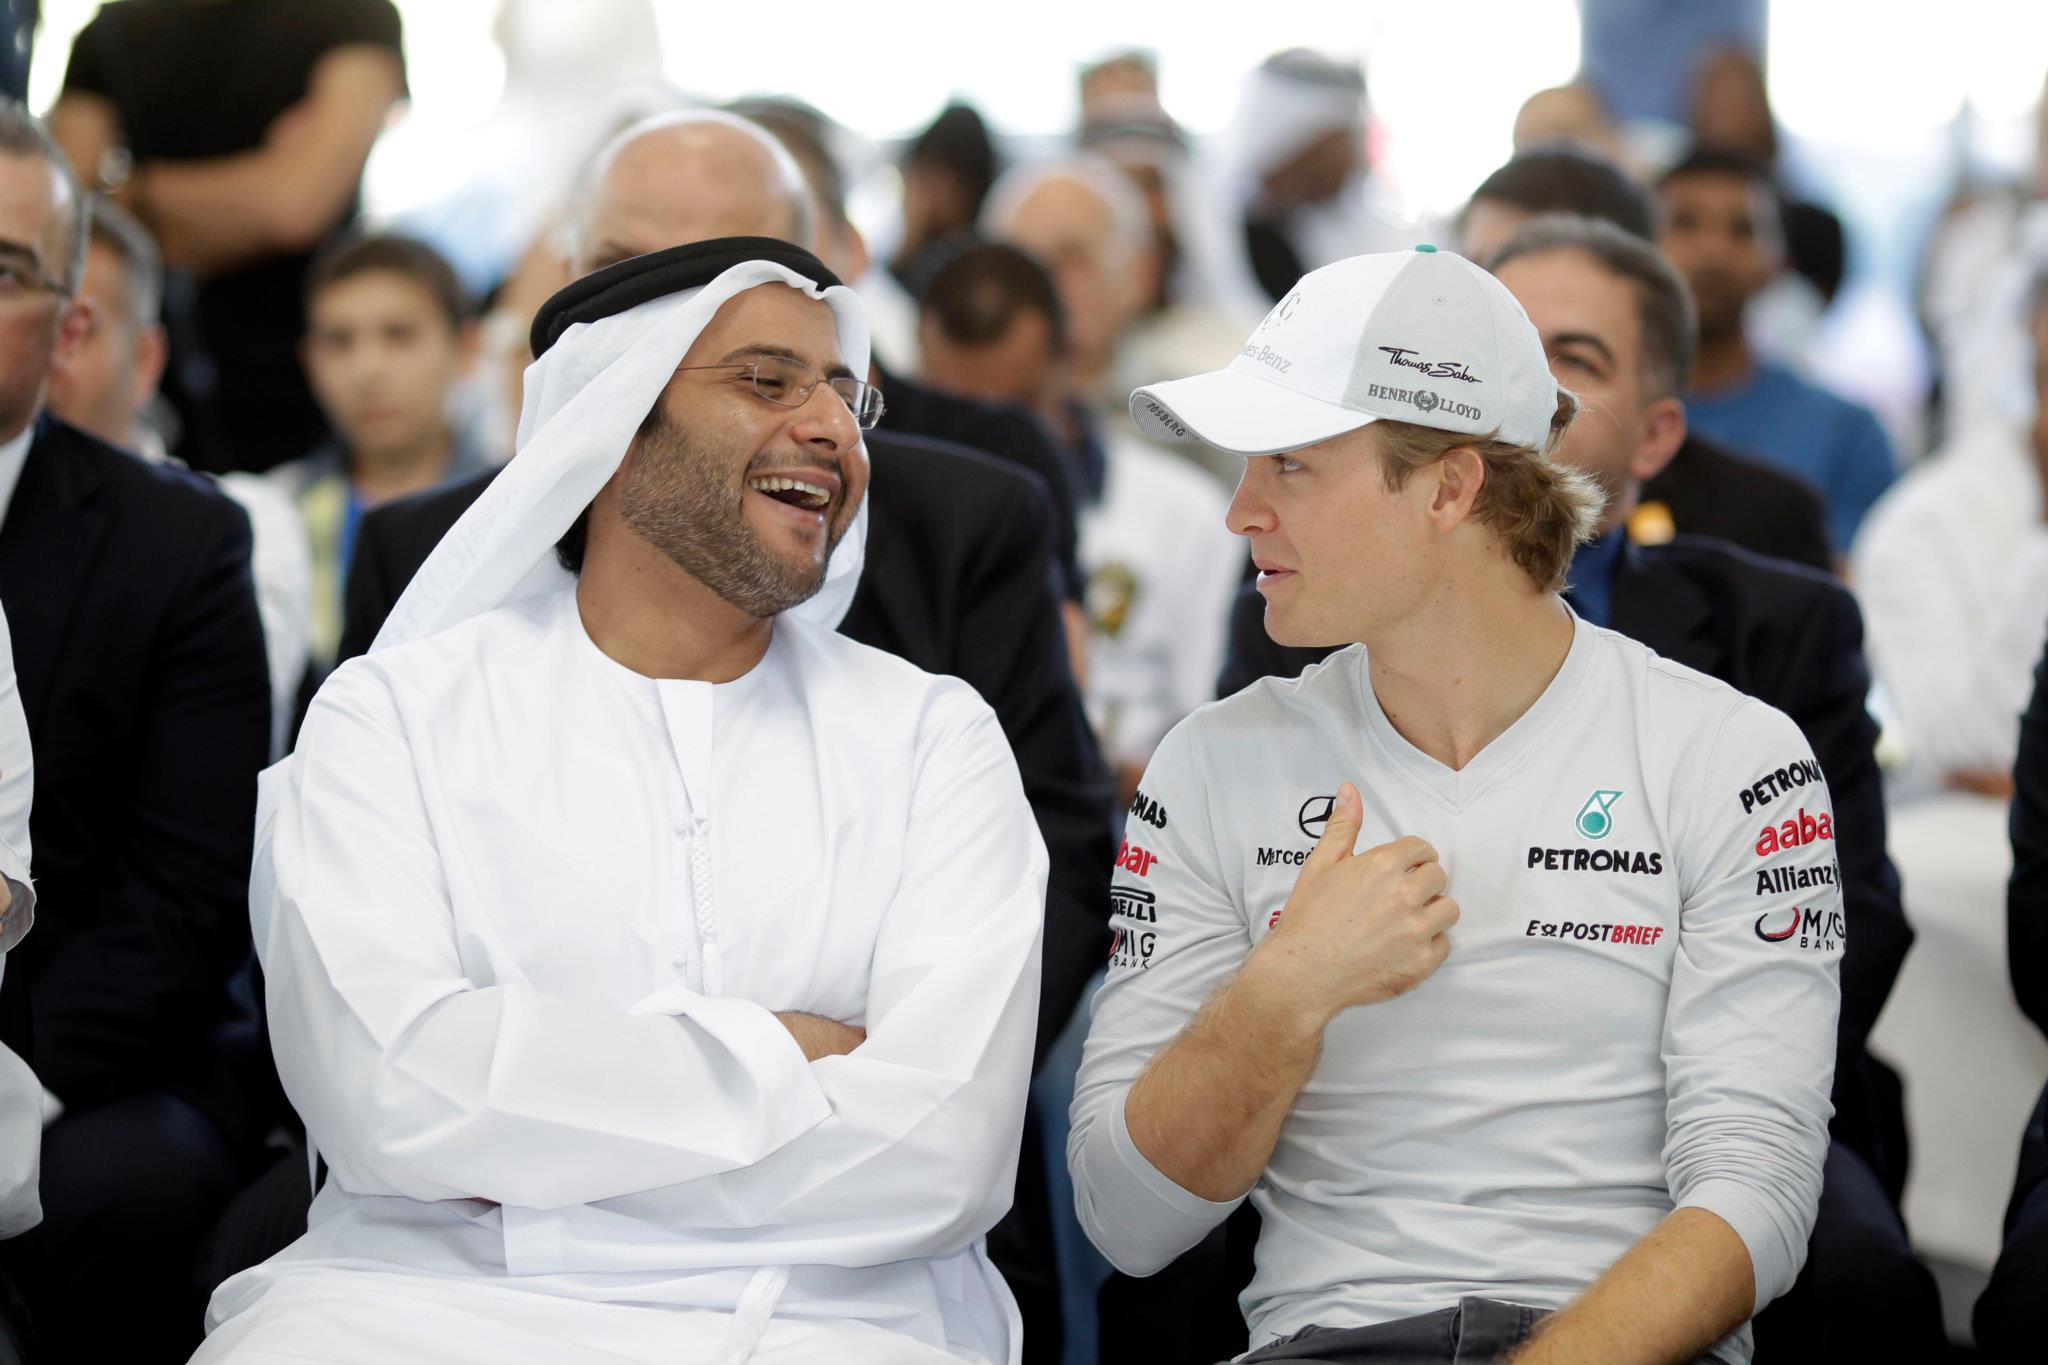 Нико Росберг смешит кого-то на Гран-при Абу-Даби 2011